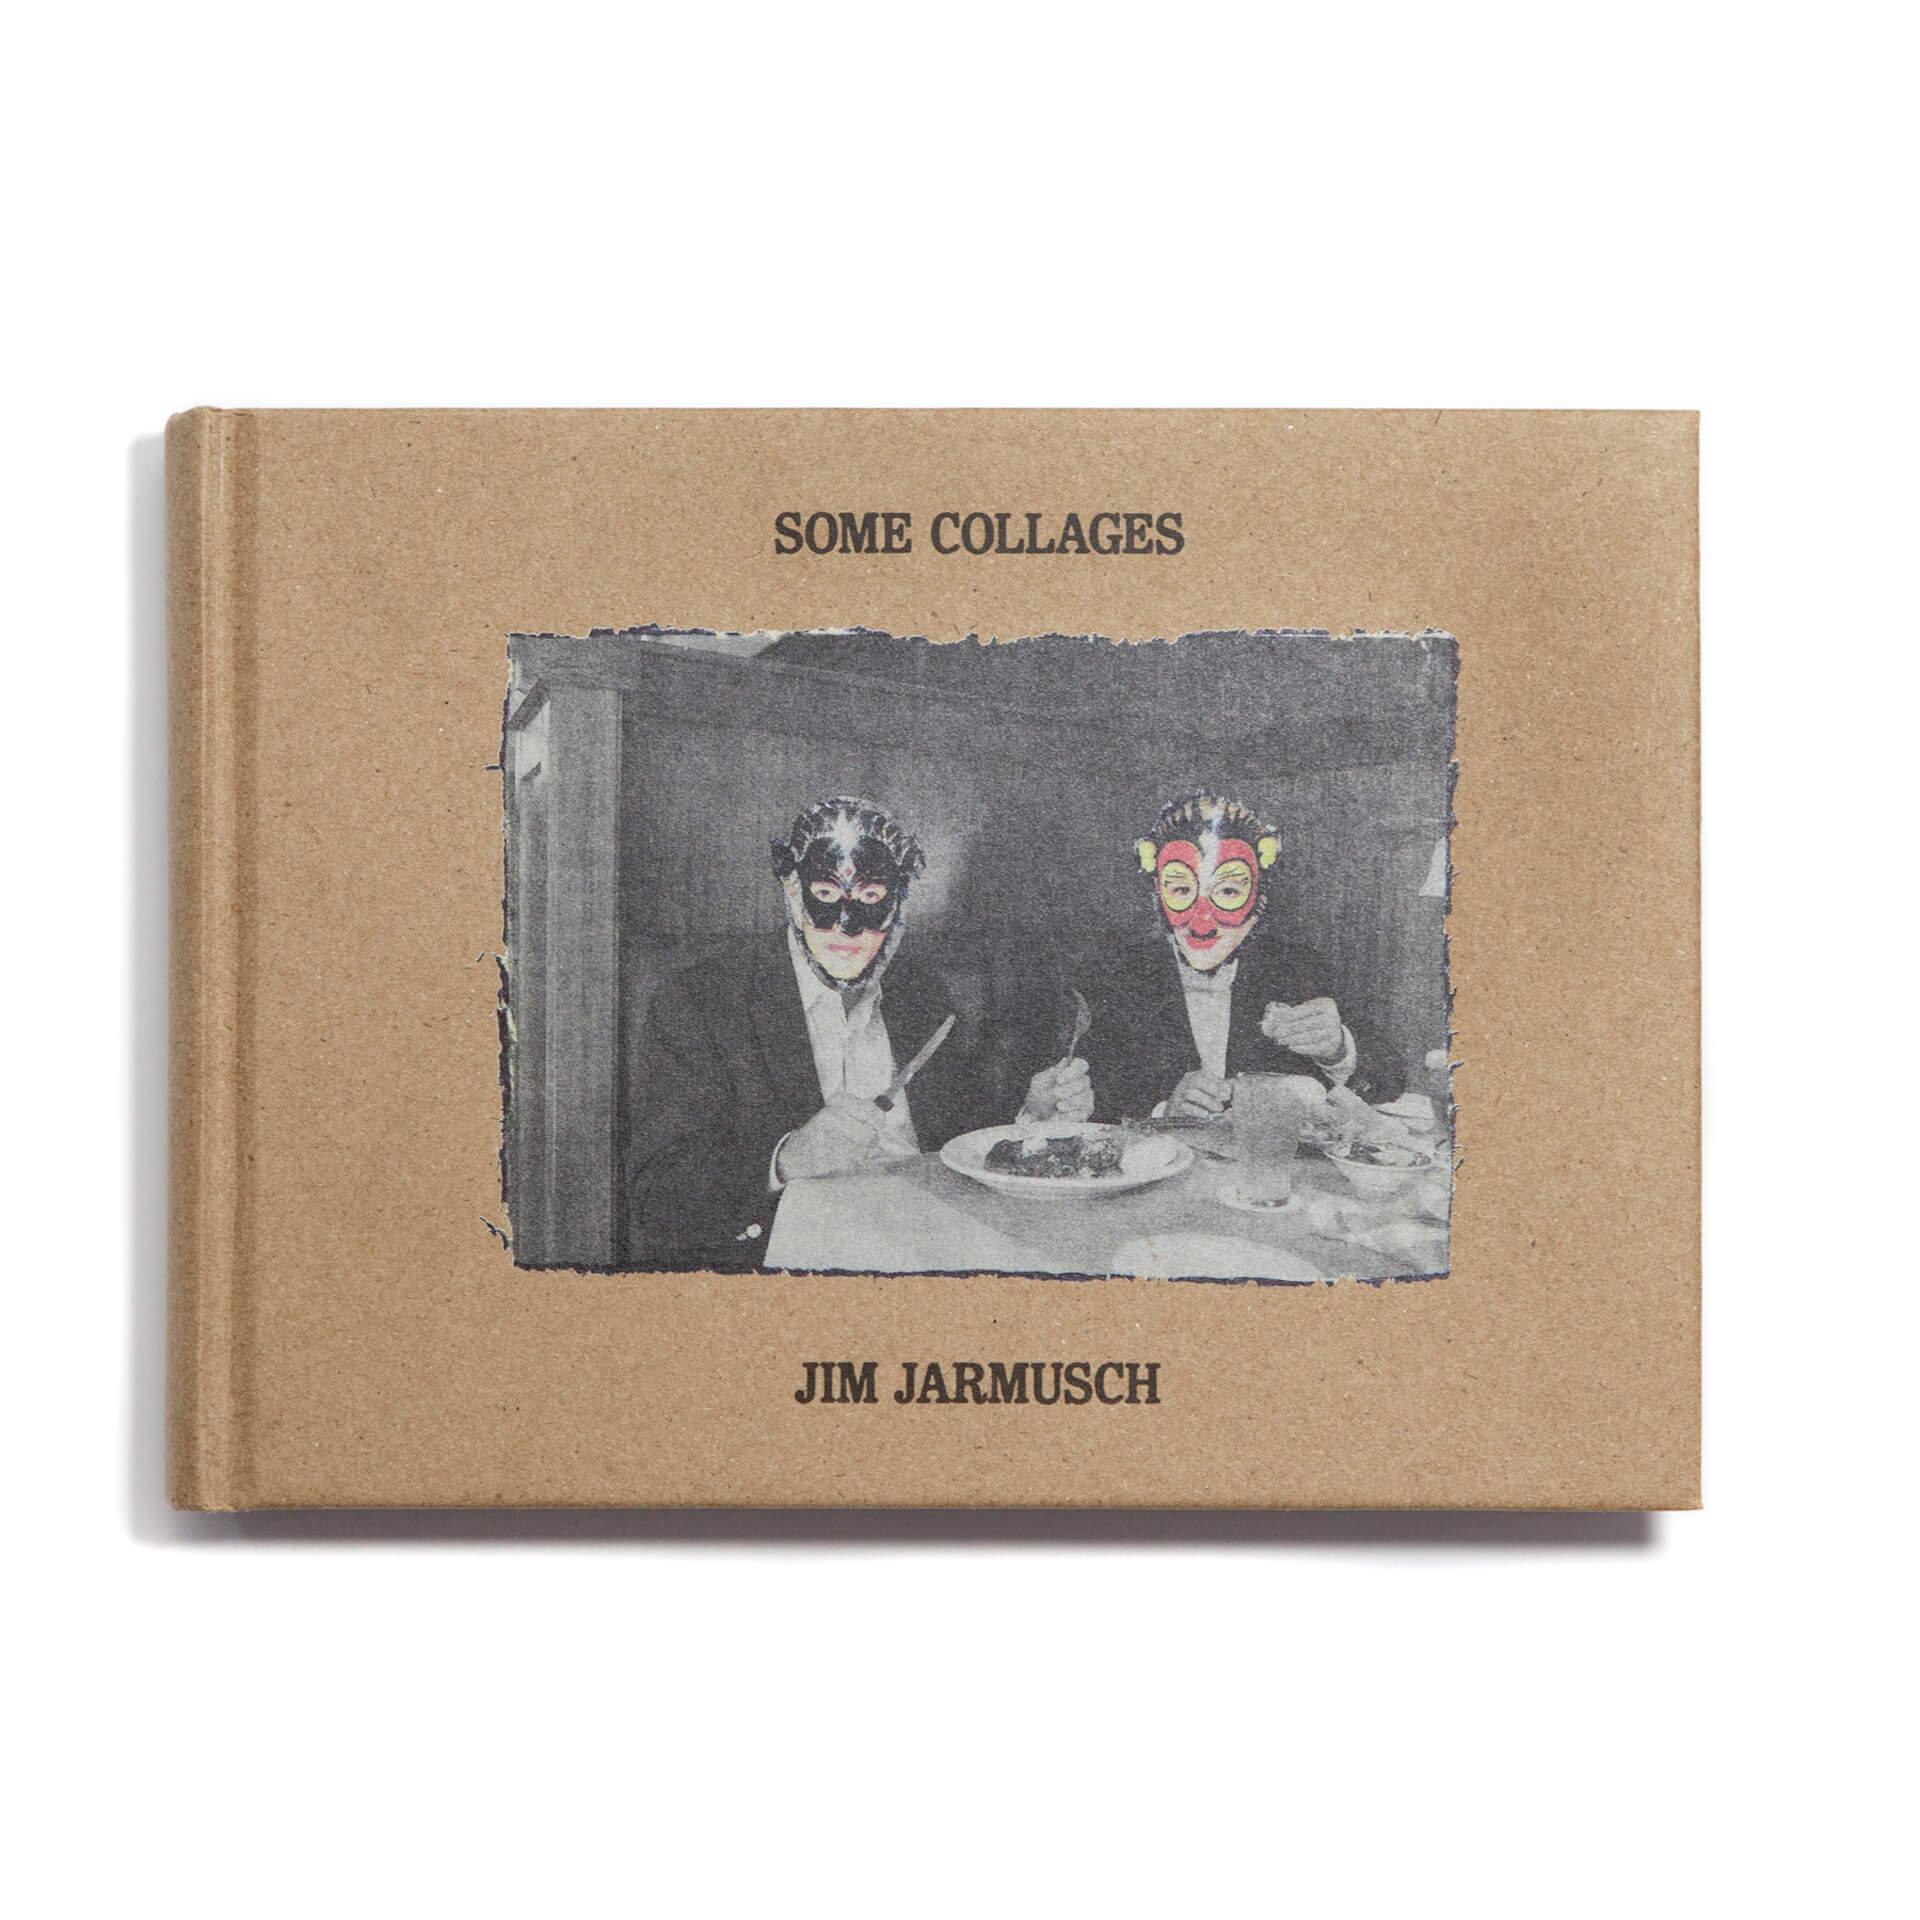 ジム・ジャームッシュが手がけたコラージュ本『Some Collages』が発売決定!限定数でサイン入り本も film210914_jimjarmusch_3